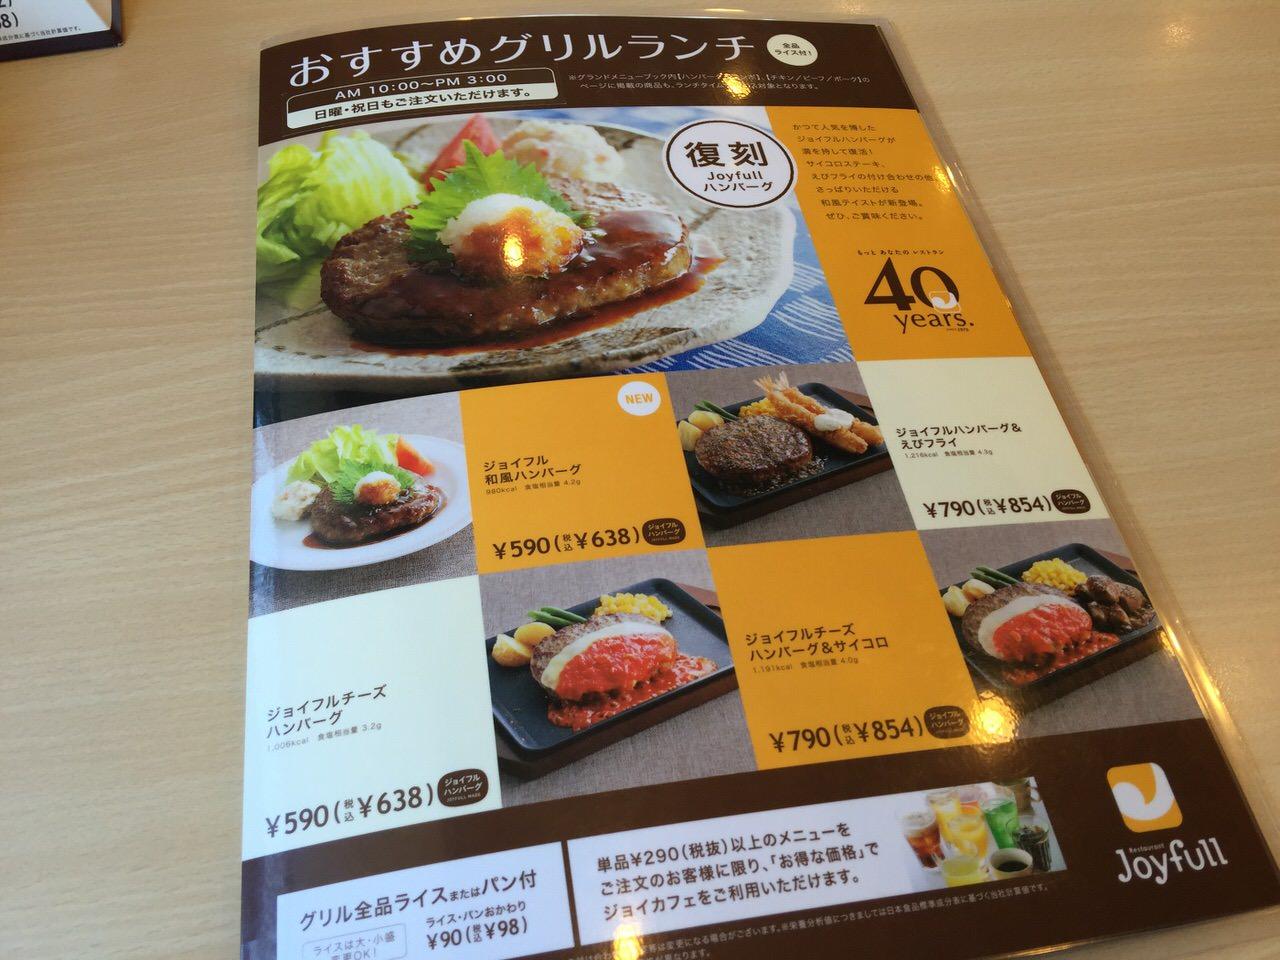 Joyfull yashio 7791